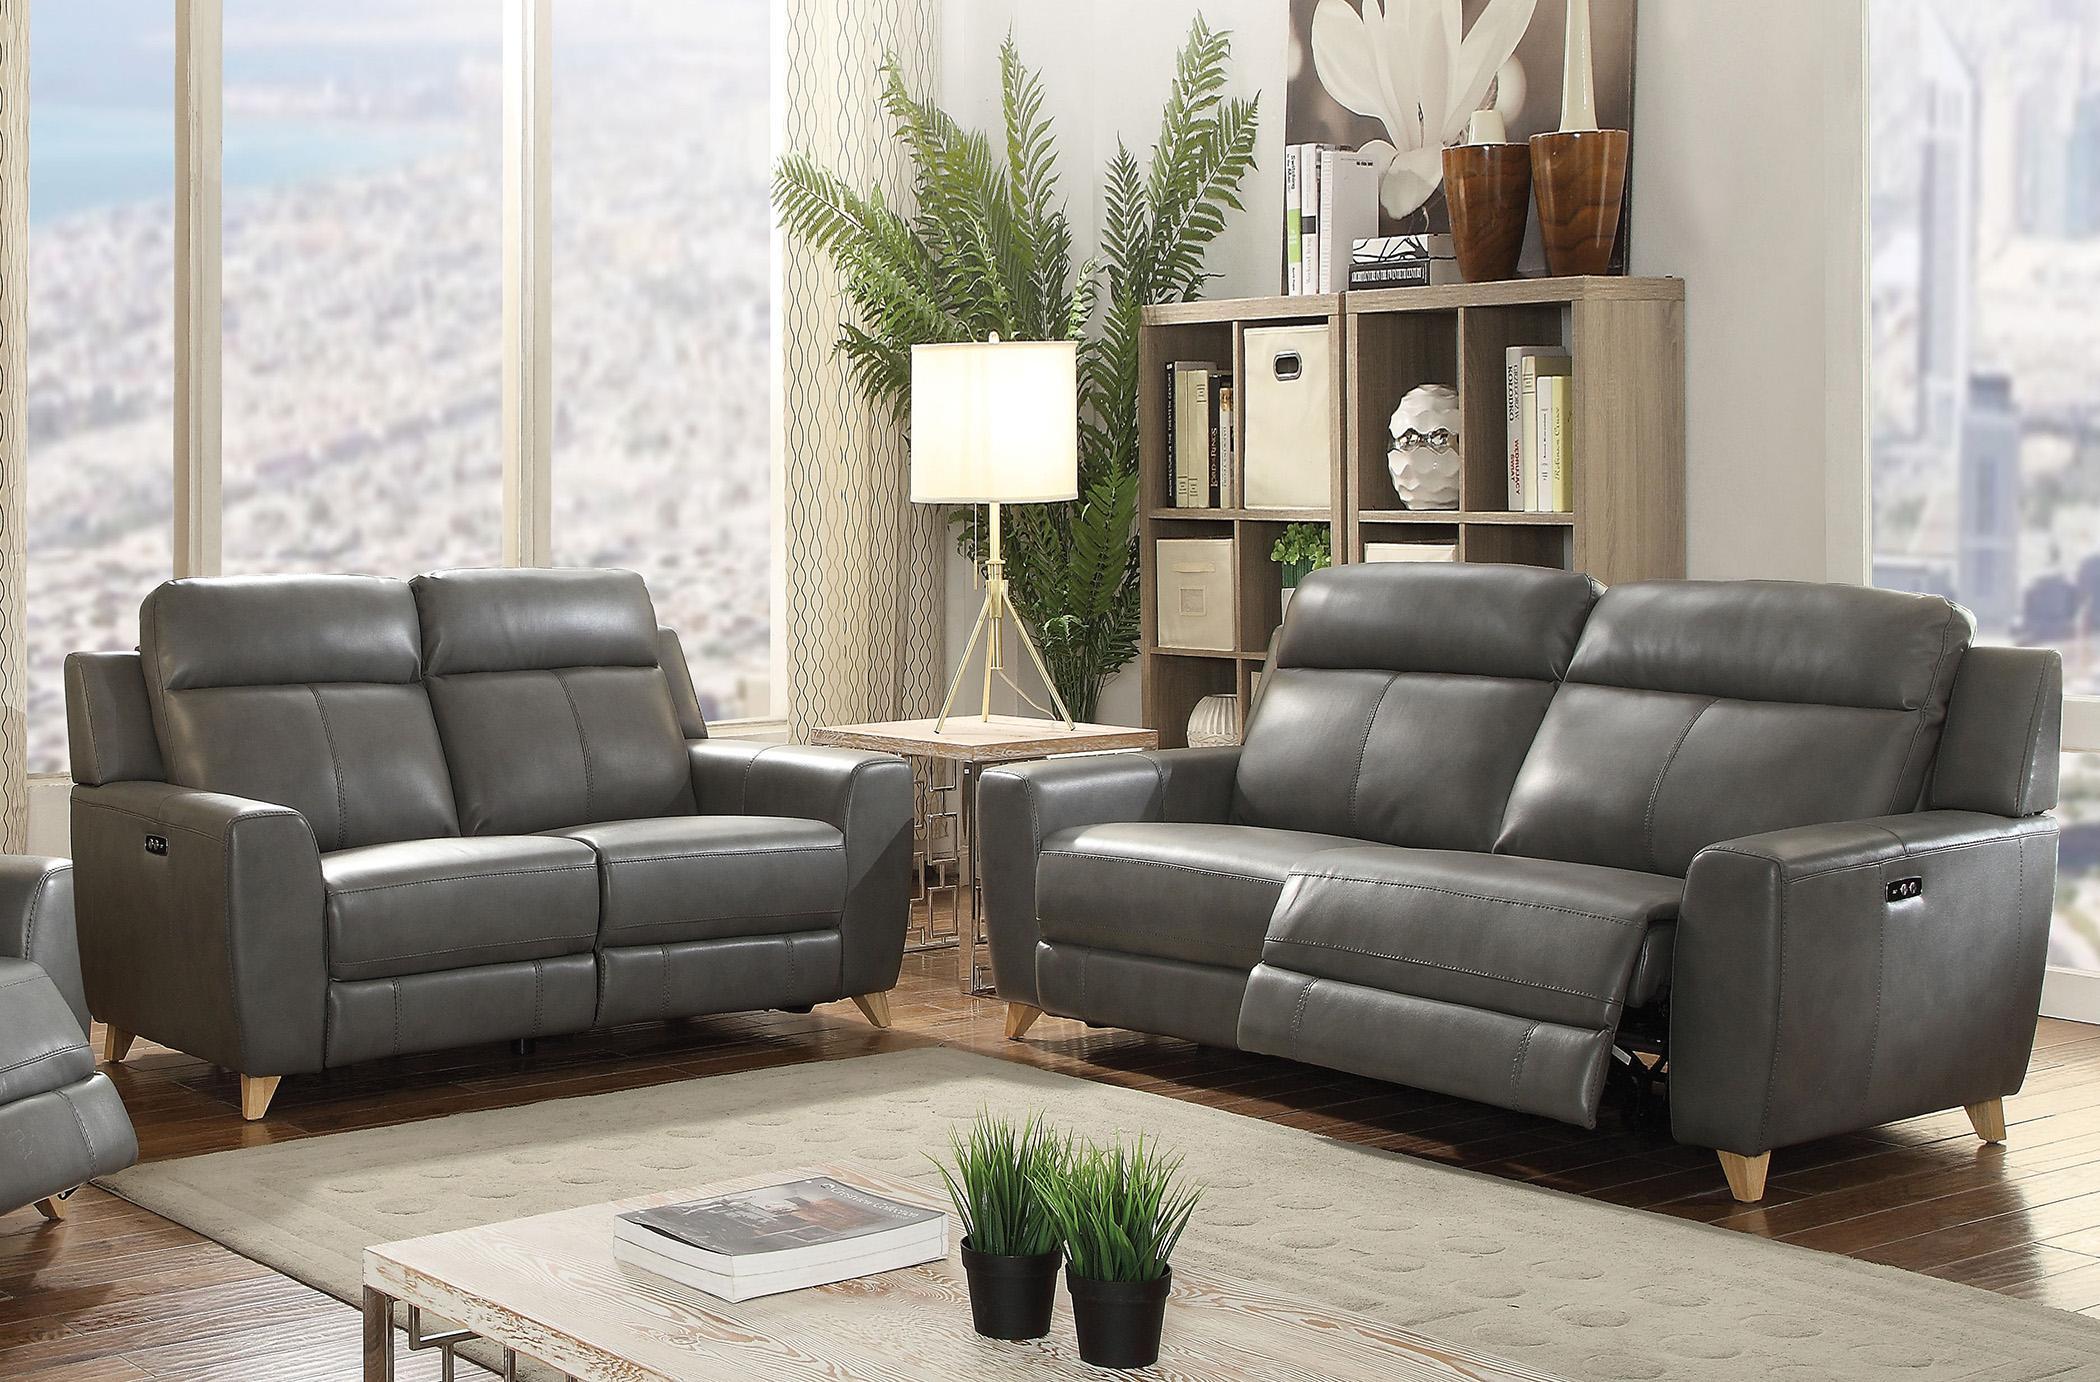 Grey Faux Leather Power Motion Sofa Set 2Pcs Cayden-54200 Acme Contemporary (Cayden-54200-Set-2)